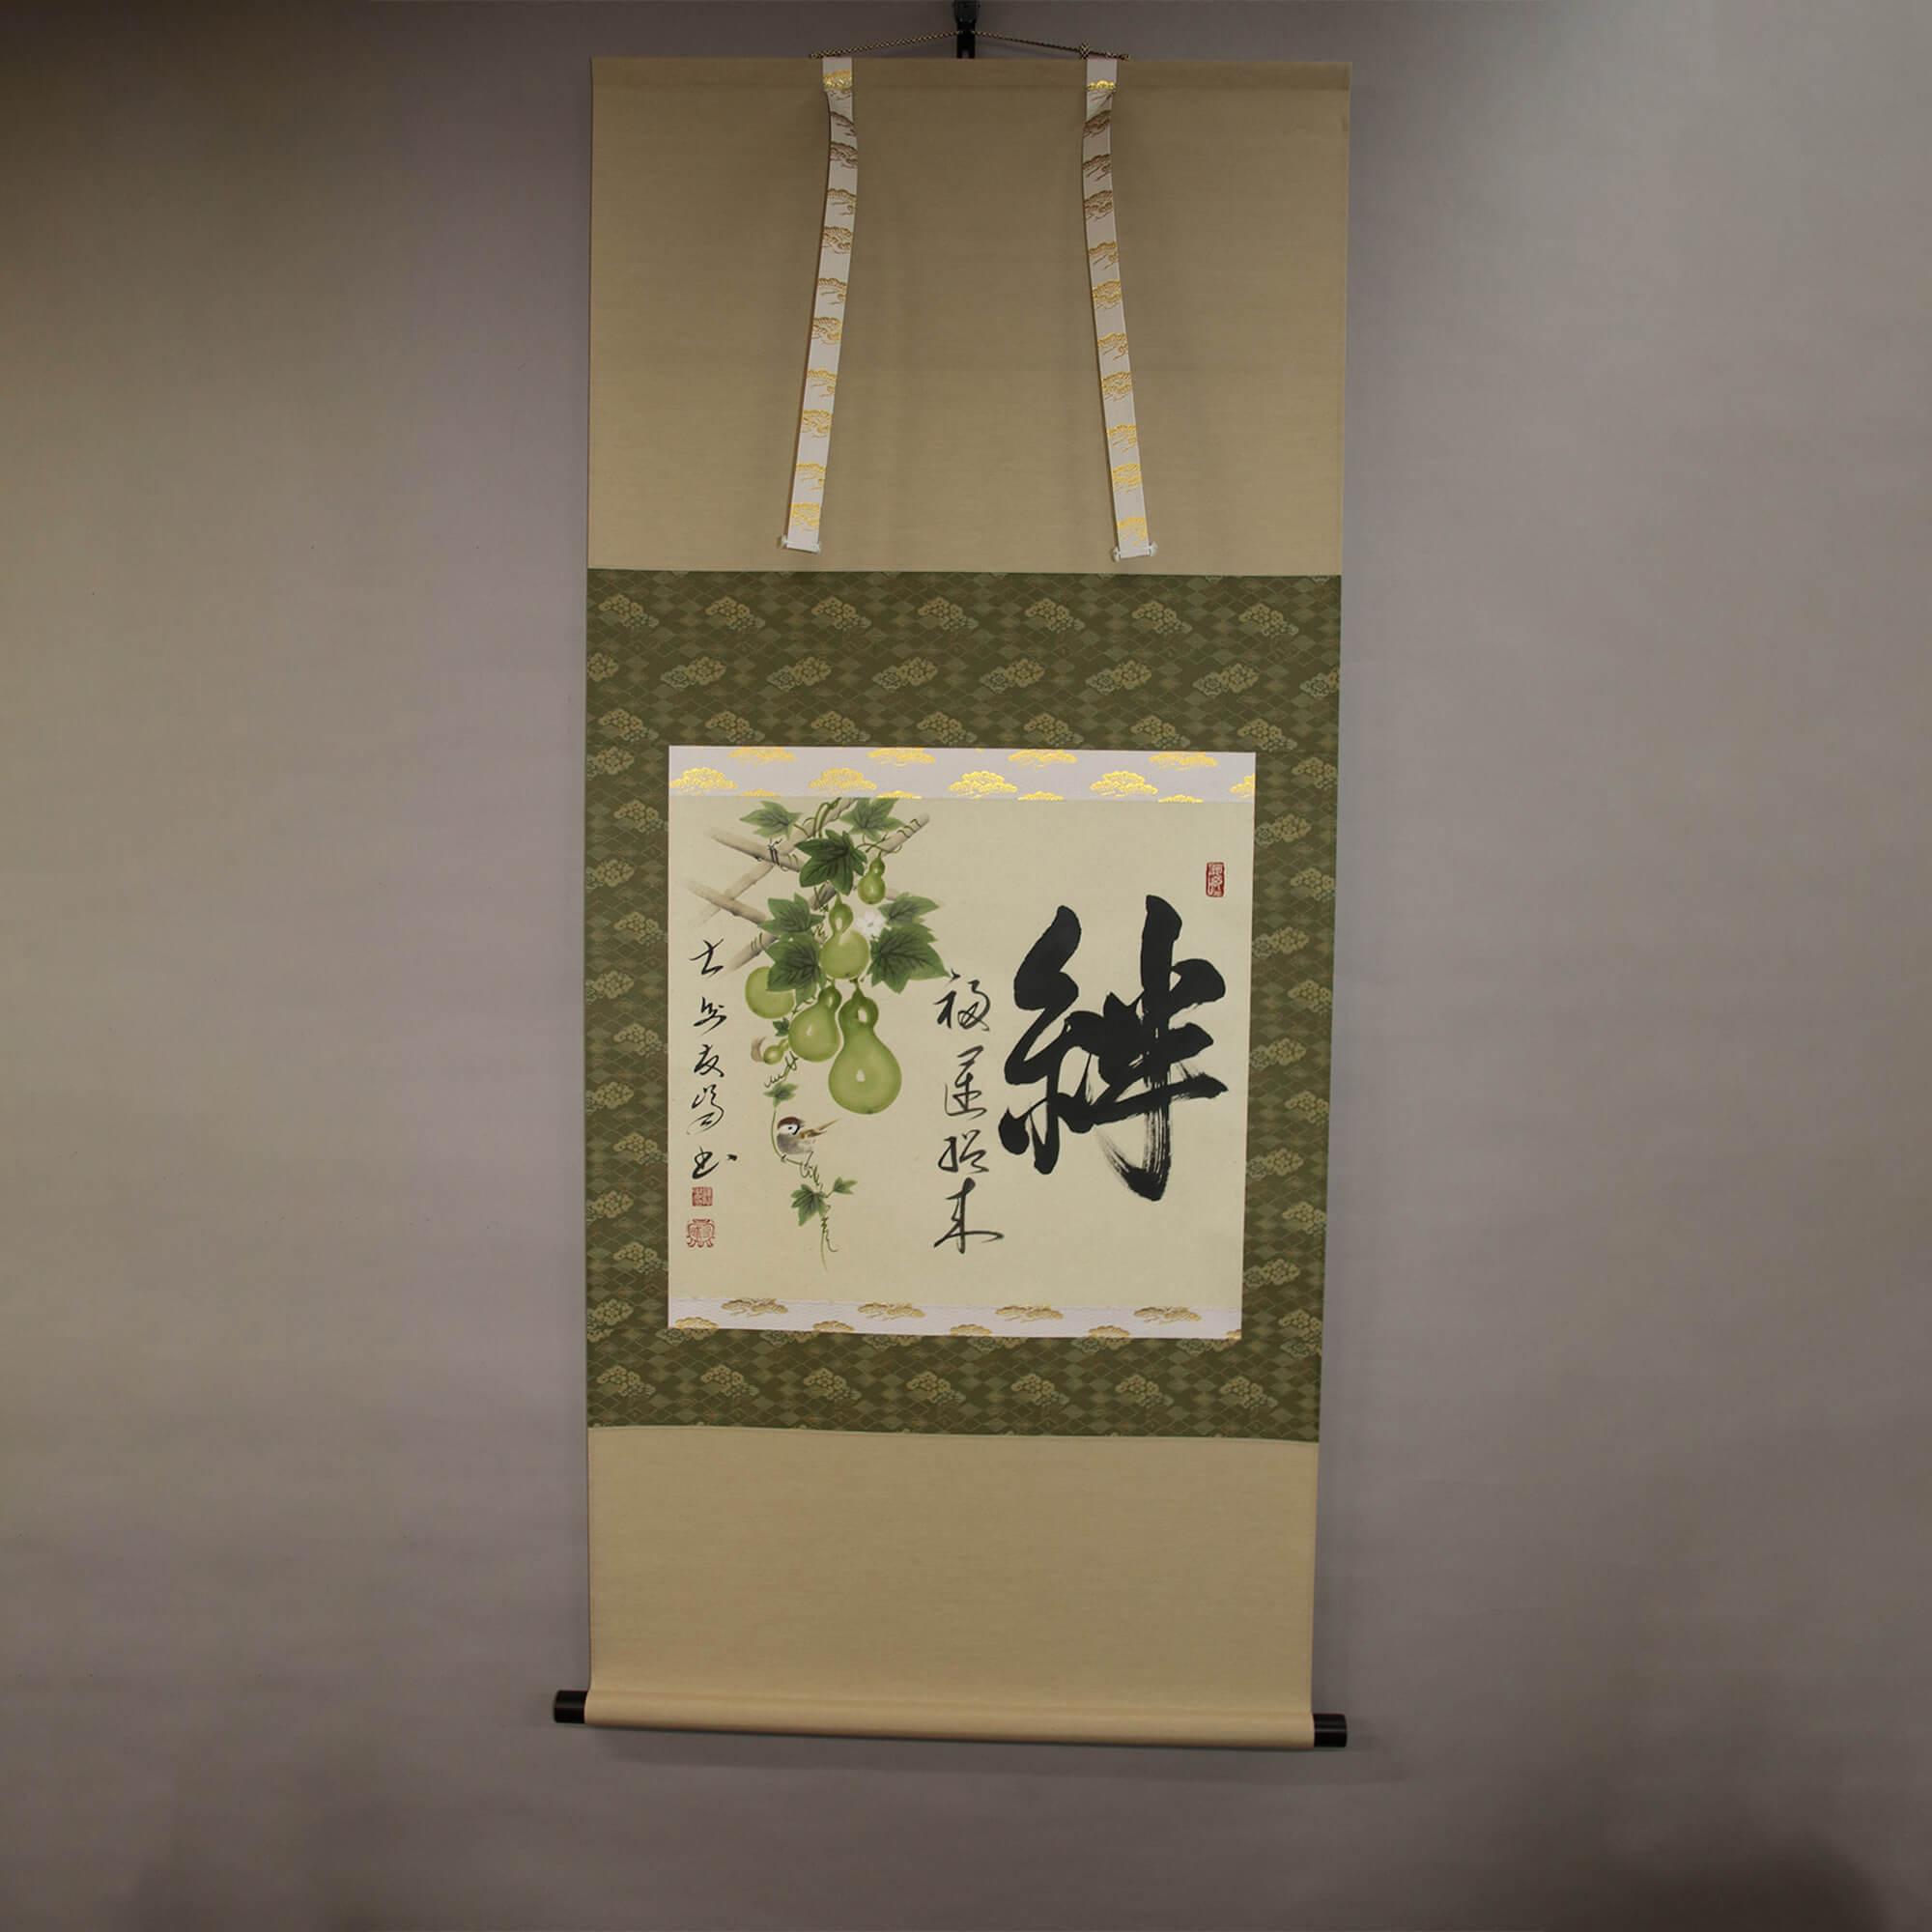 Calligraphy: Bond & 6 Gourds / Takahashi Yūhō